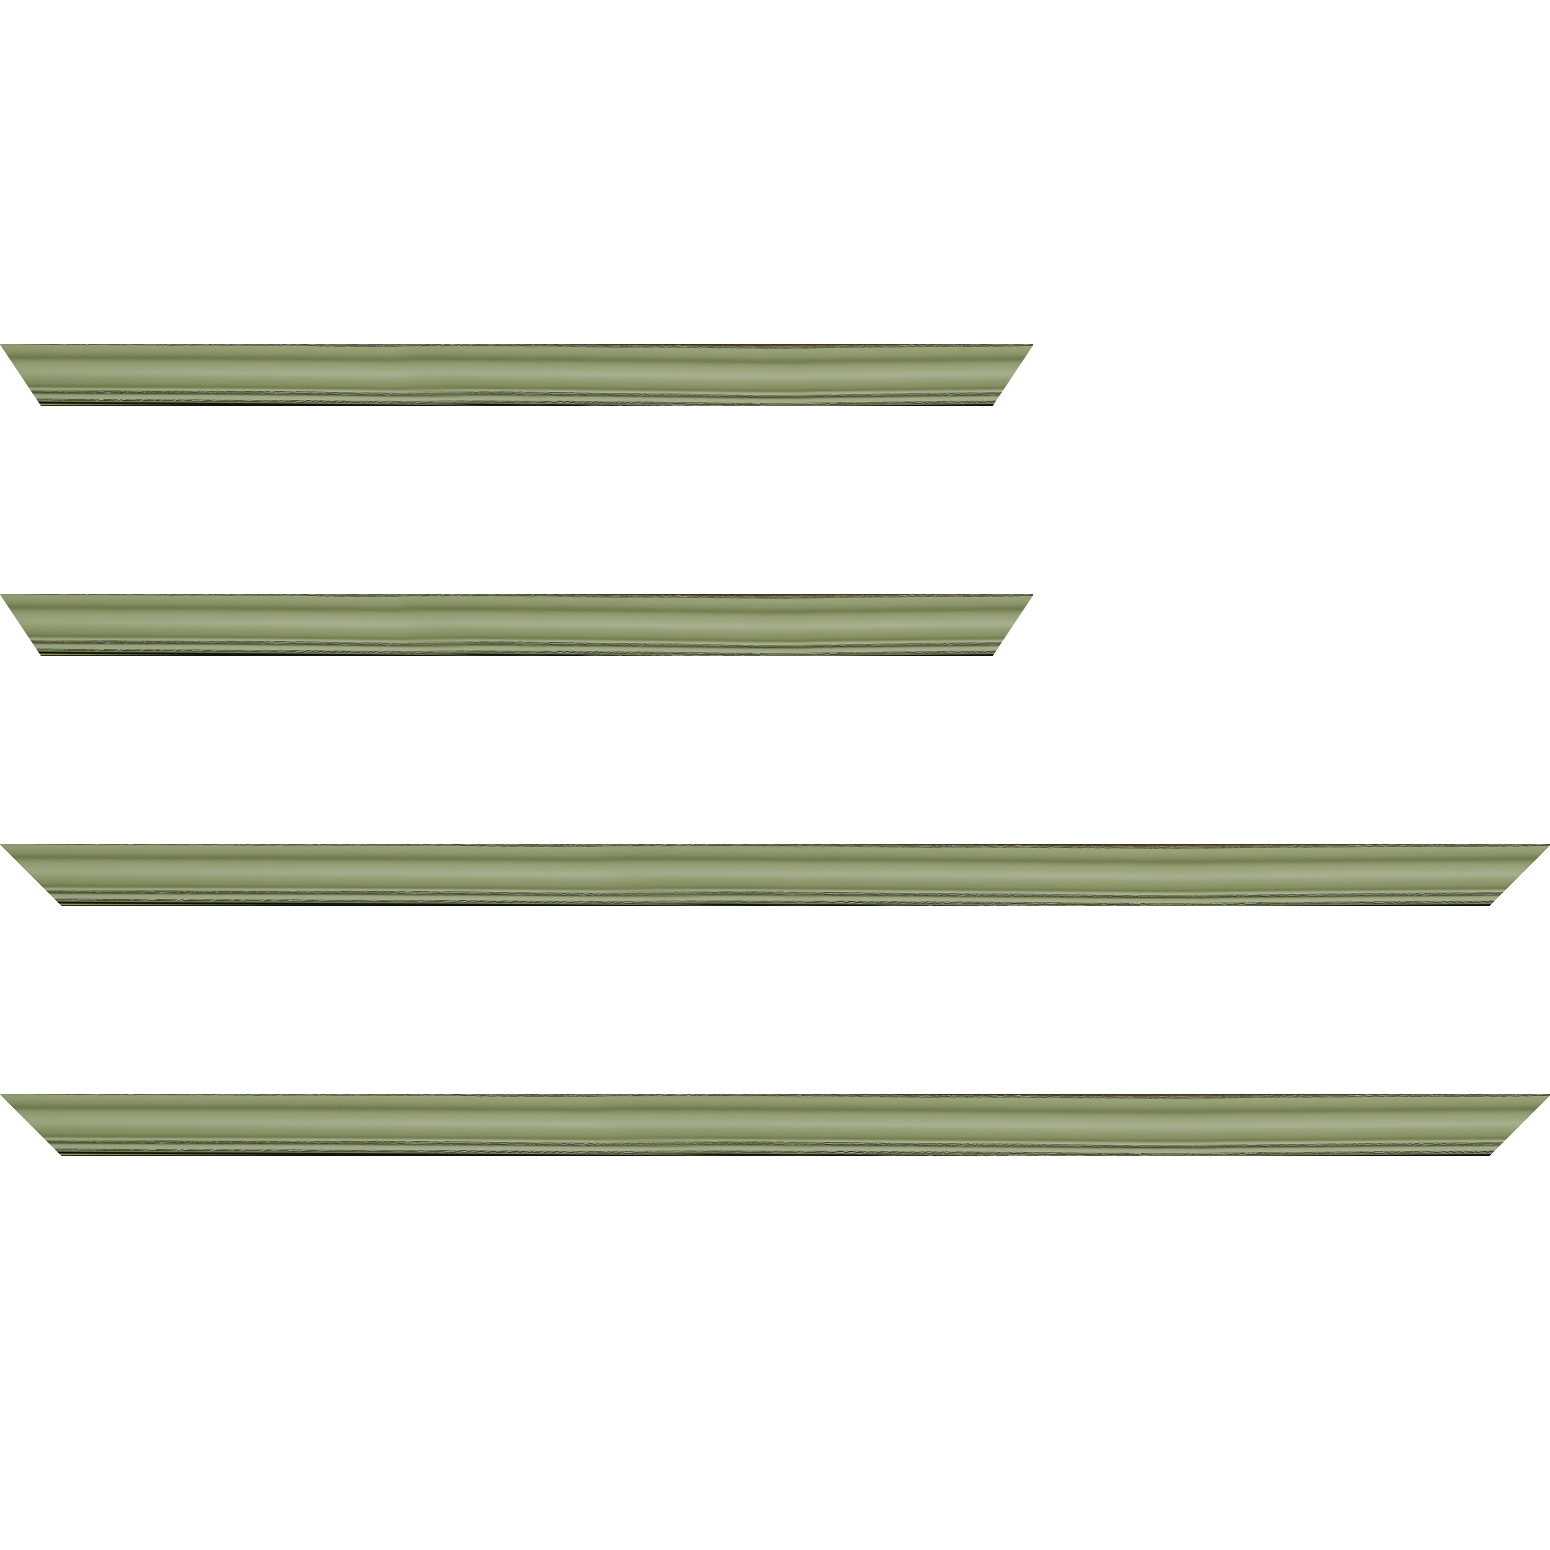 Baguette service précoupé Bois profil doucine inversée largeur 2.3cm vert tilleul satiné bord ressuyé